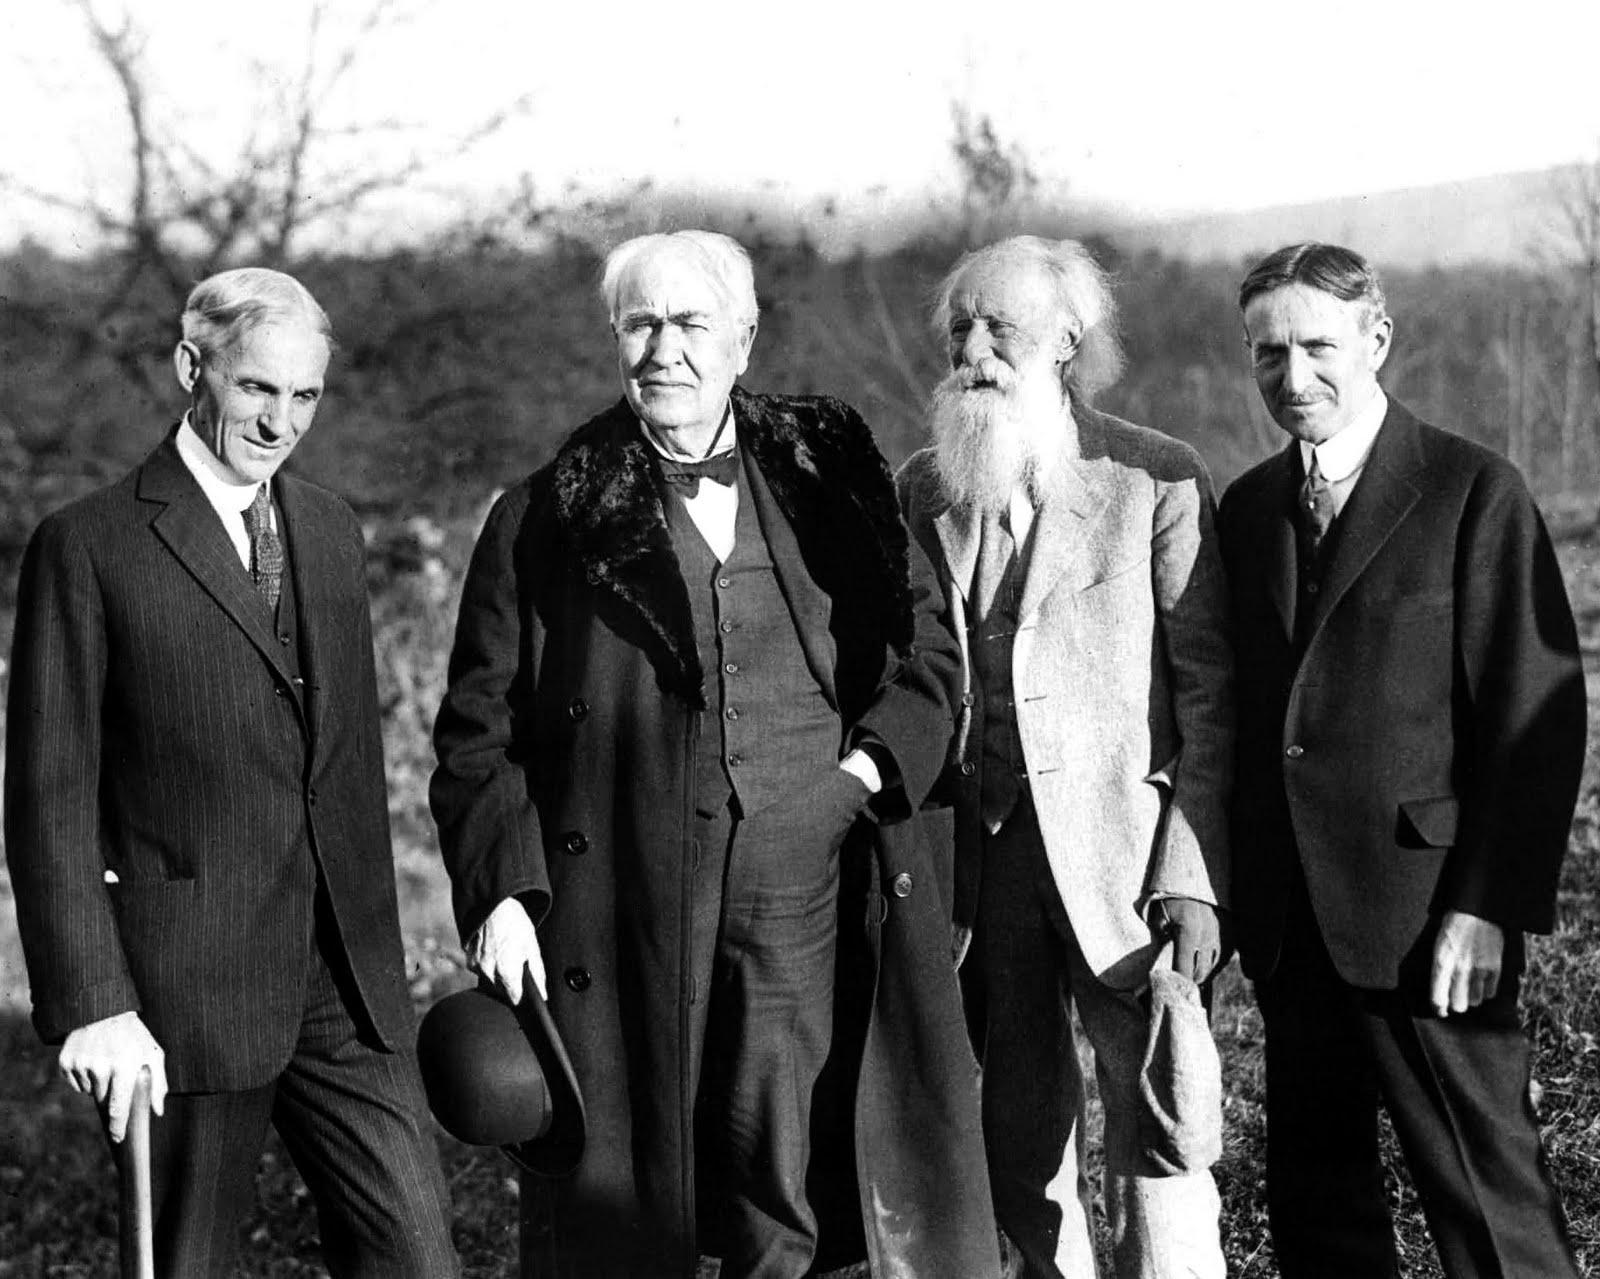 Left to right: Henry Ford, Thomas Edison, John Burroughs, Harvey Firestone